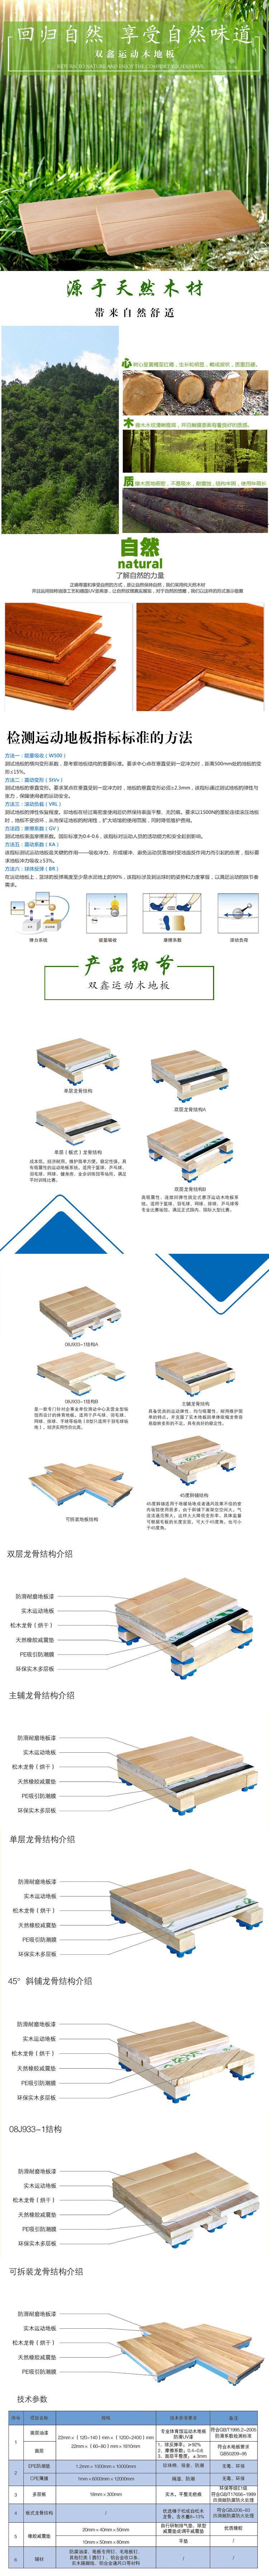 体育篮球馆运动木地板施工工艺要领都包括哪些